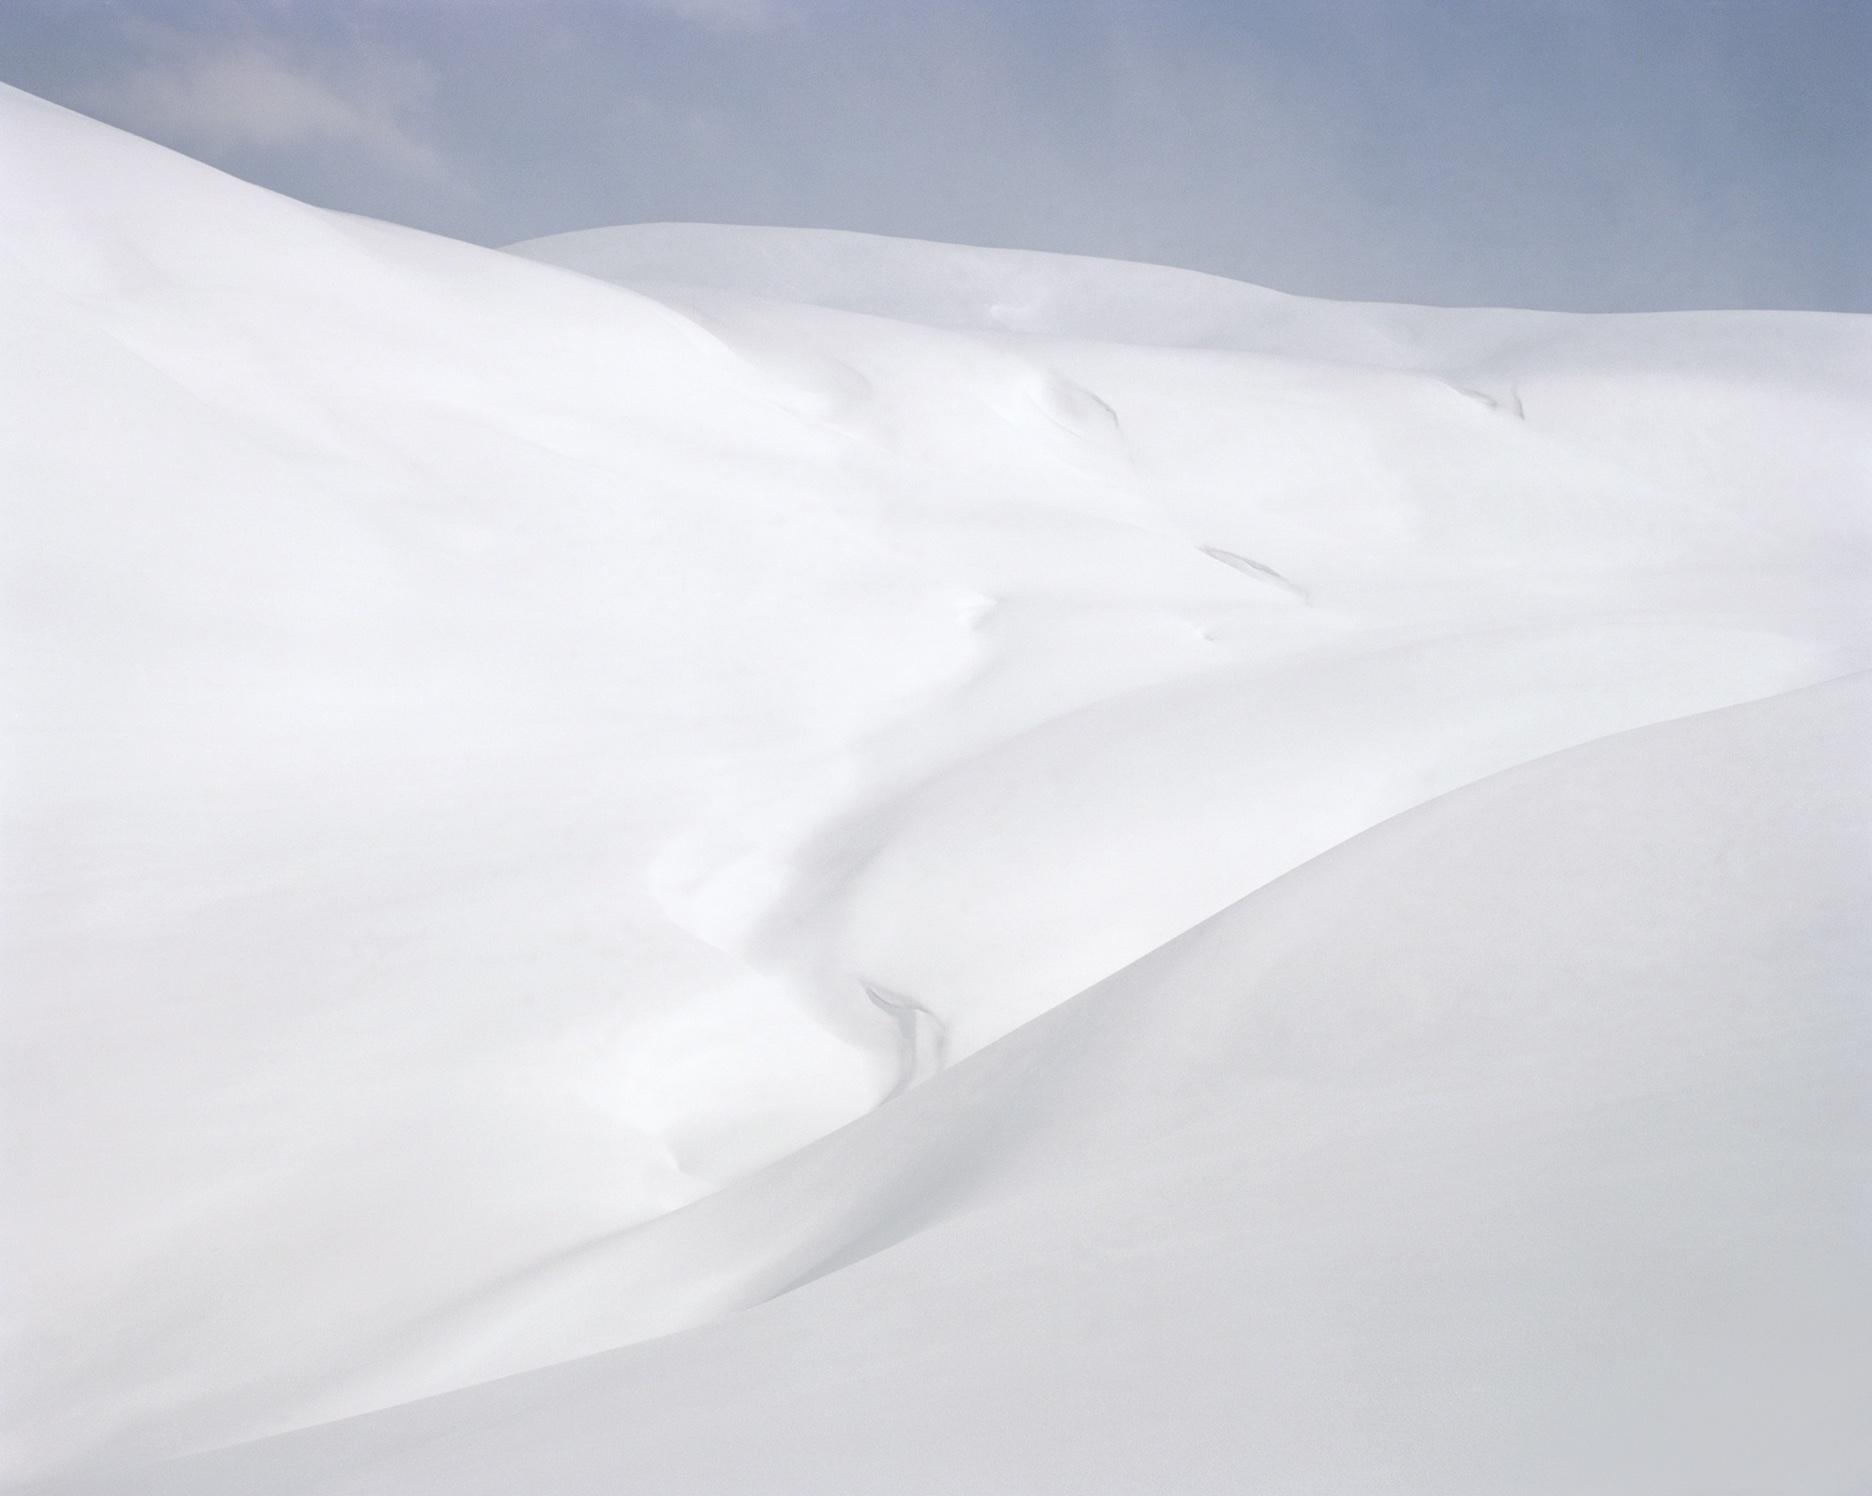 Snowscape, 2010